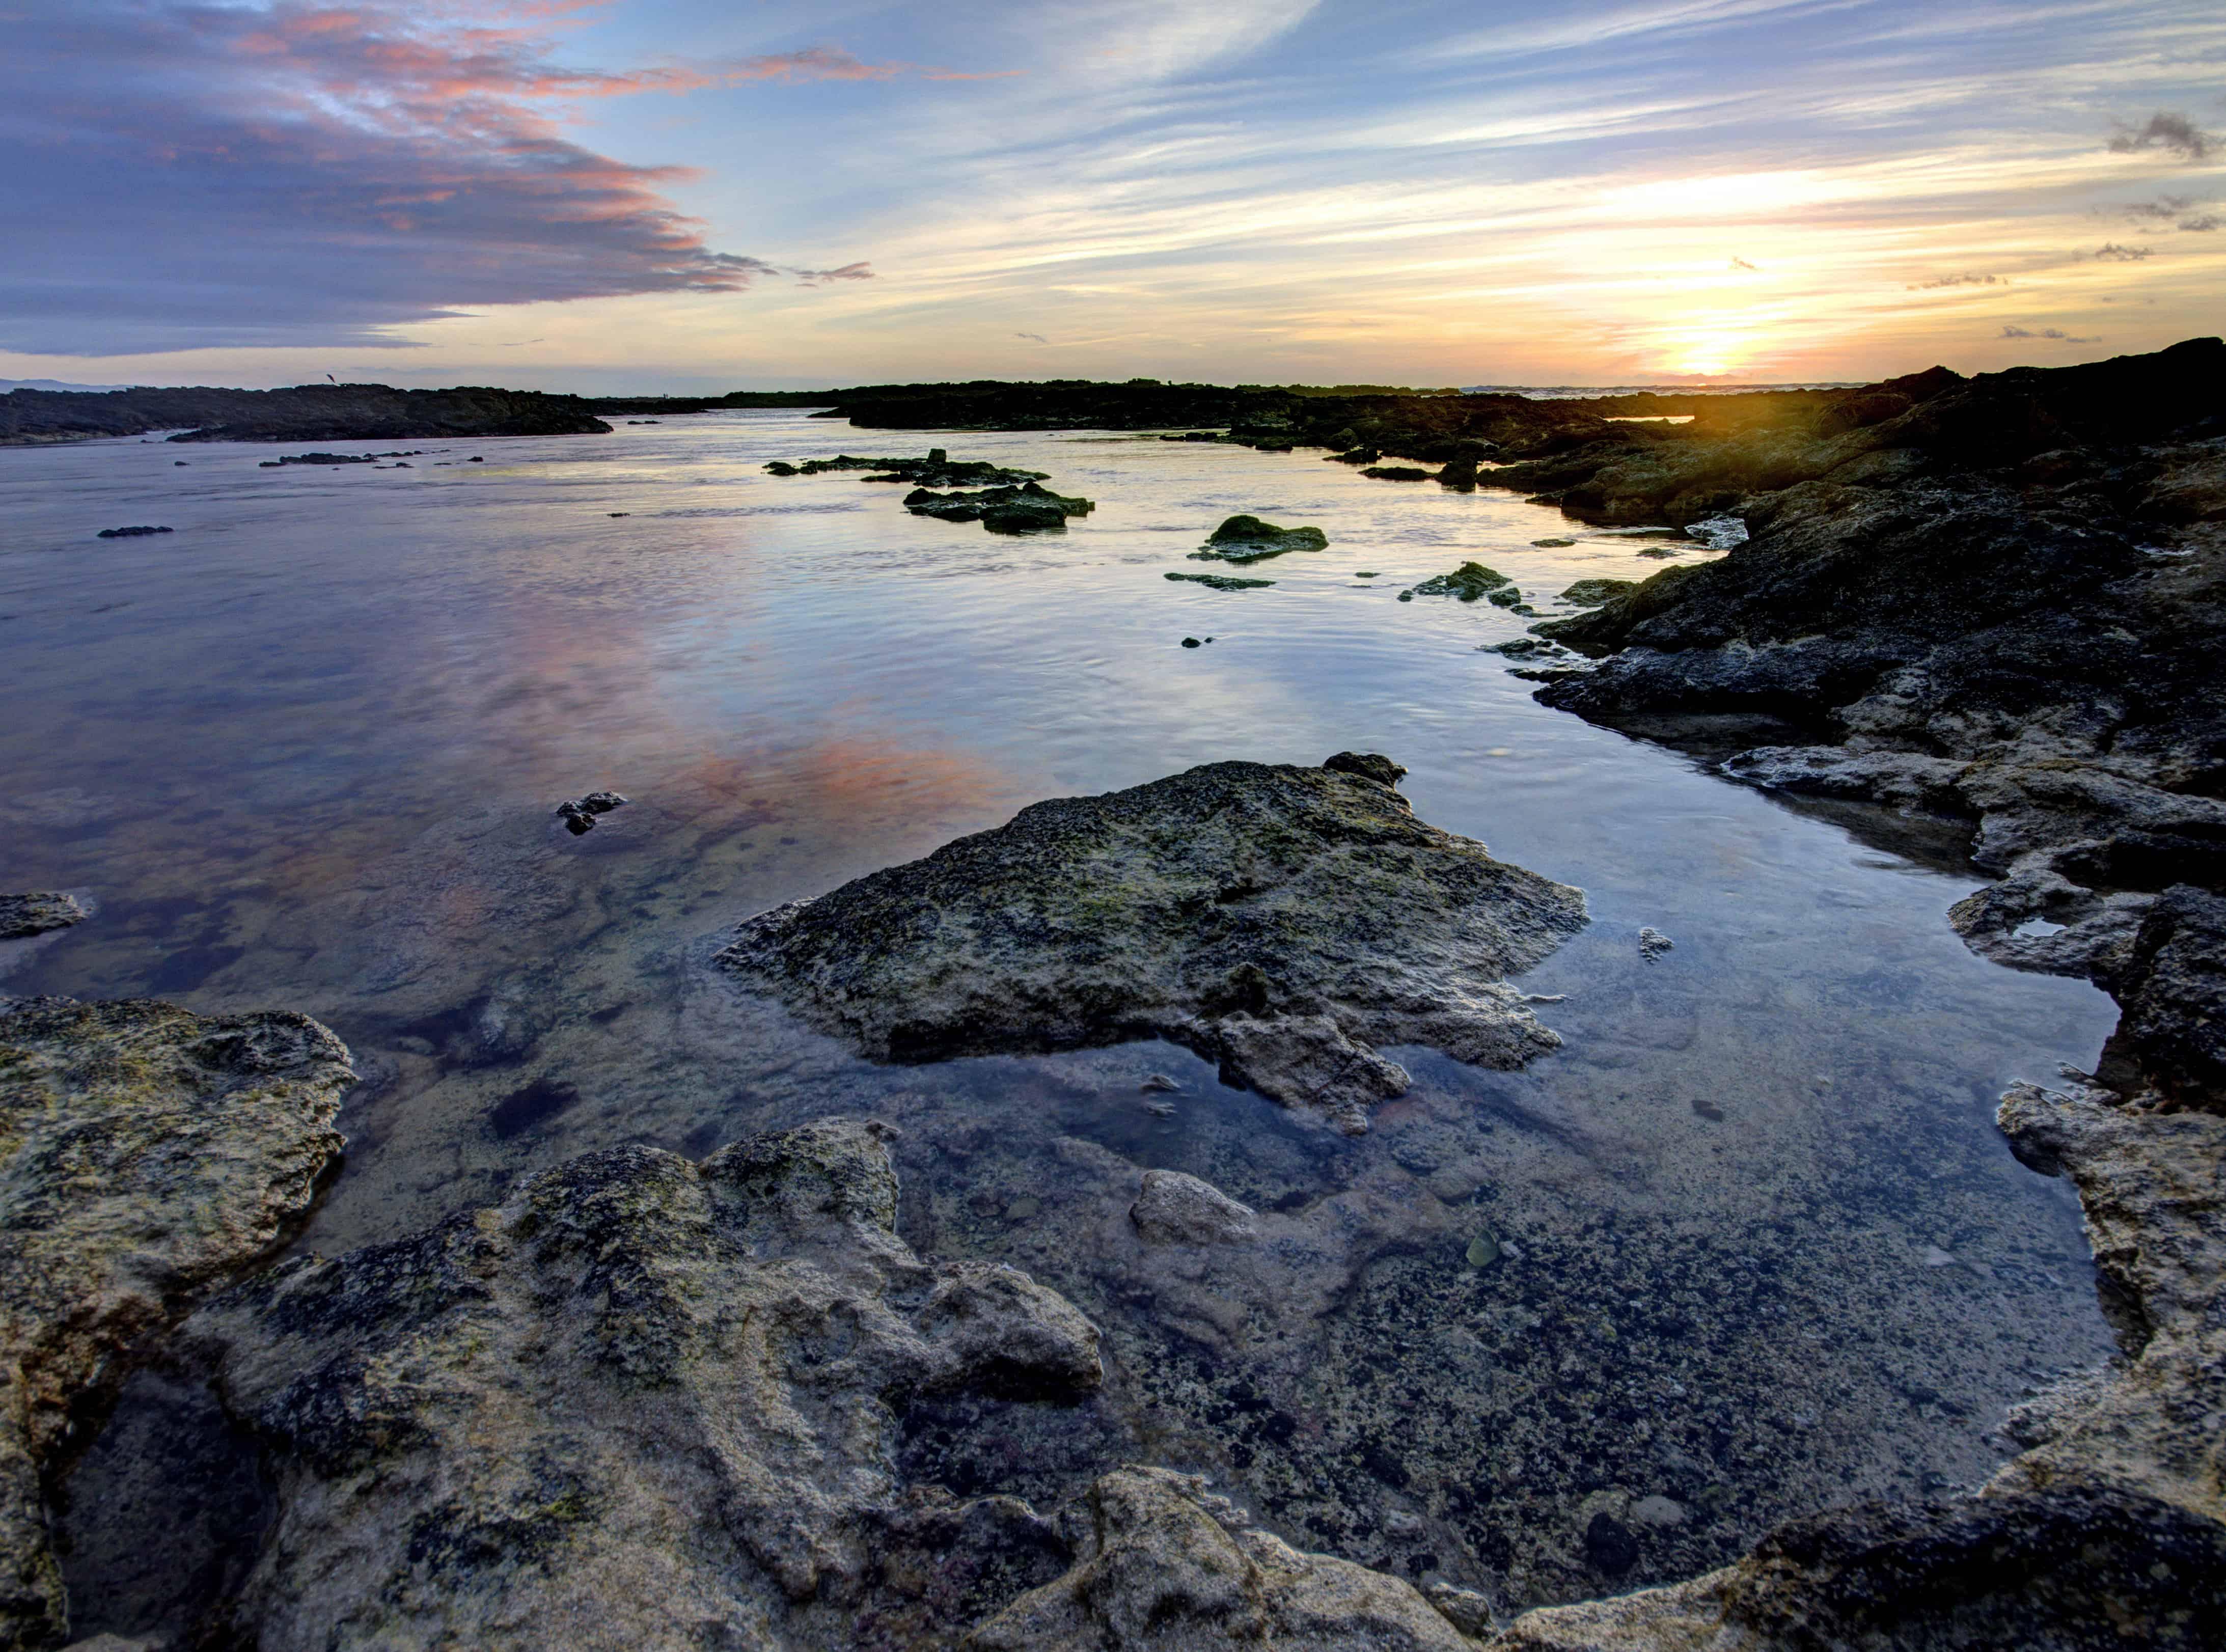 Lagoons Beach Sunset